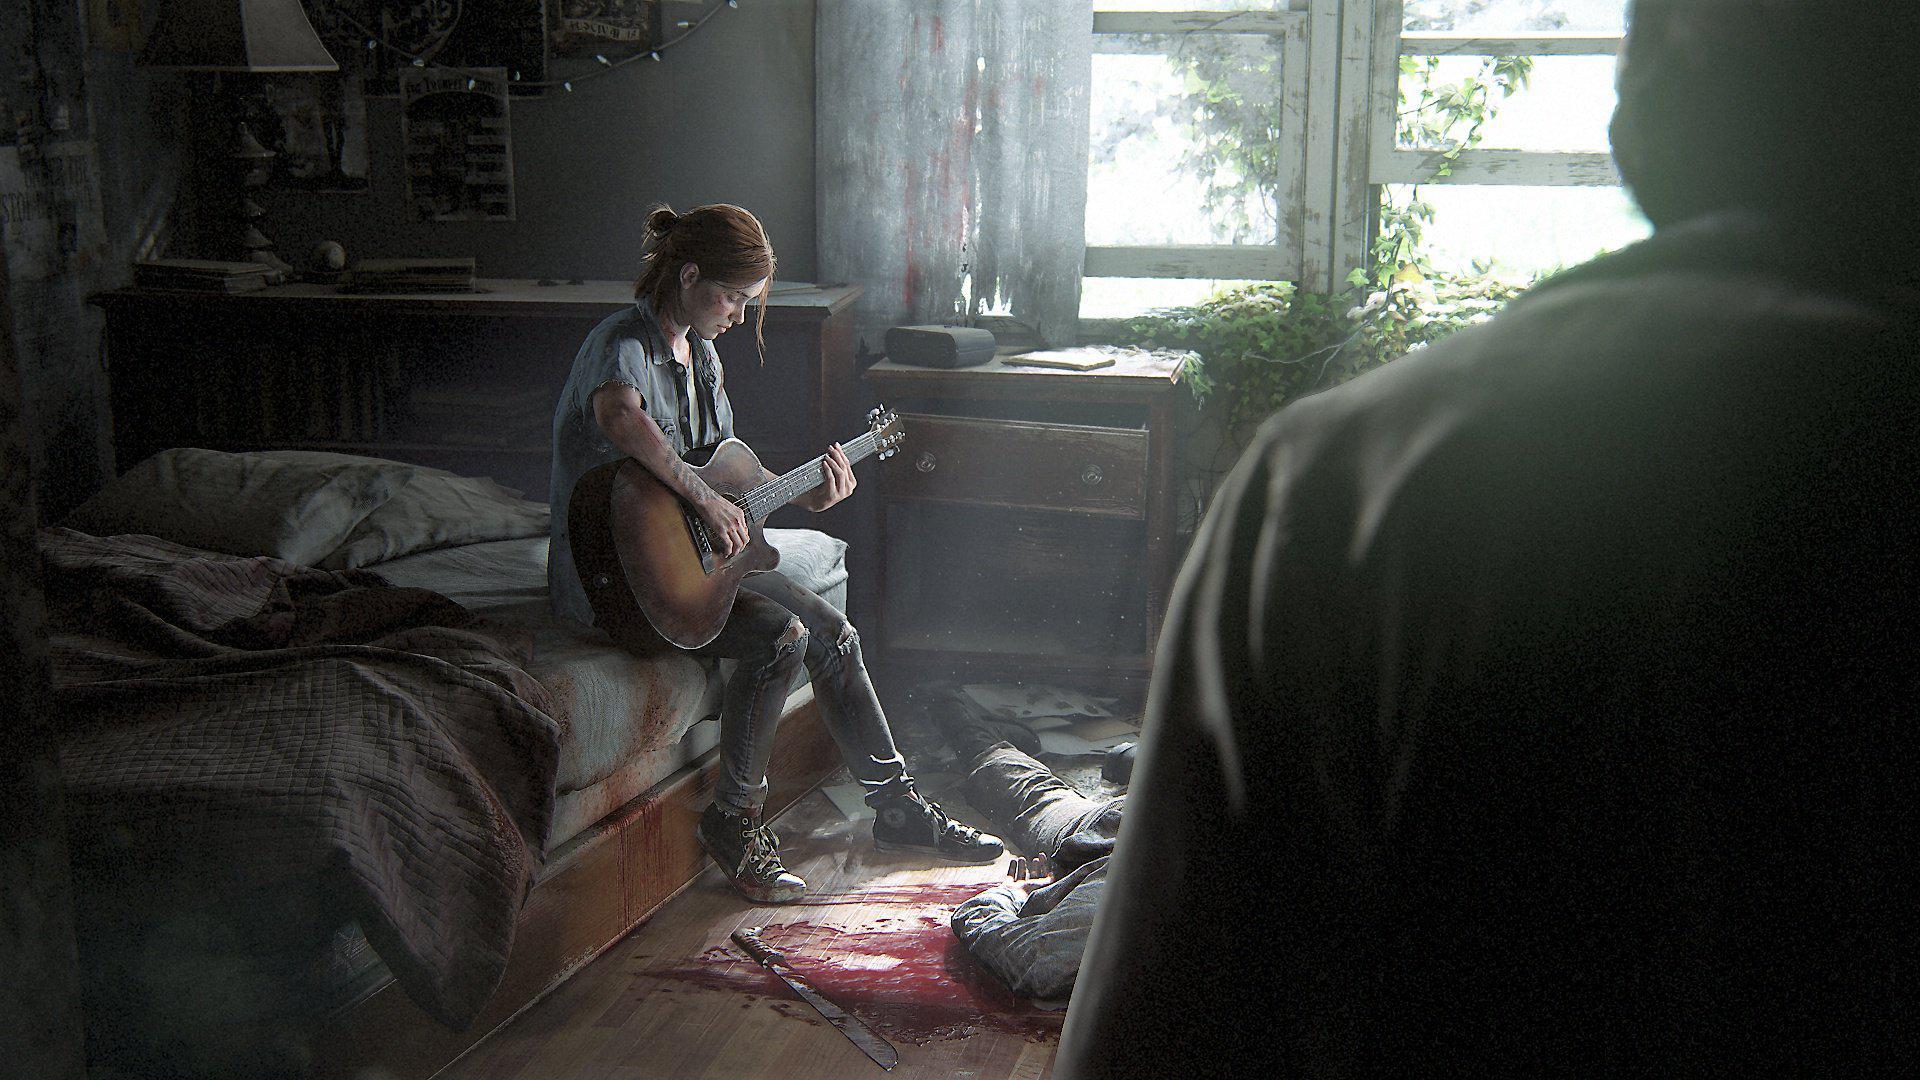 《最后的生还者2》编剧谈暴力元素 让玩家更真实体验